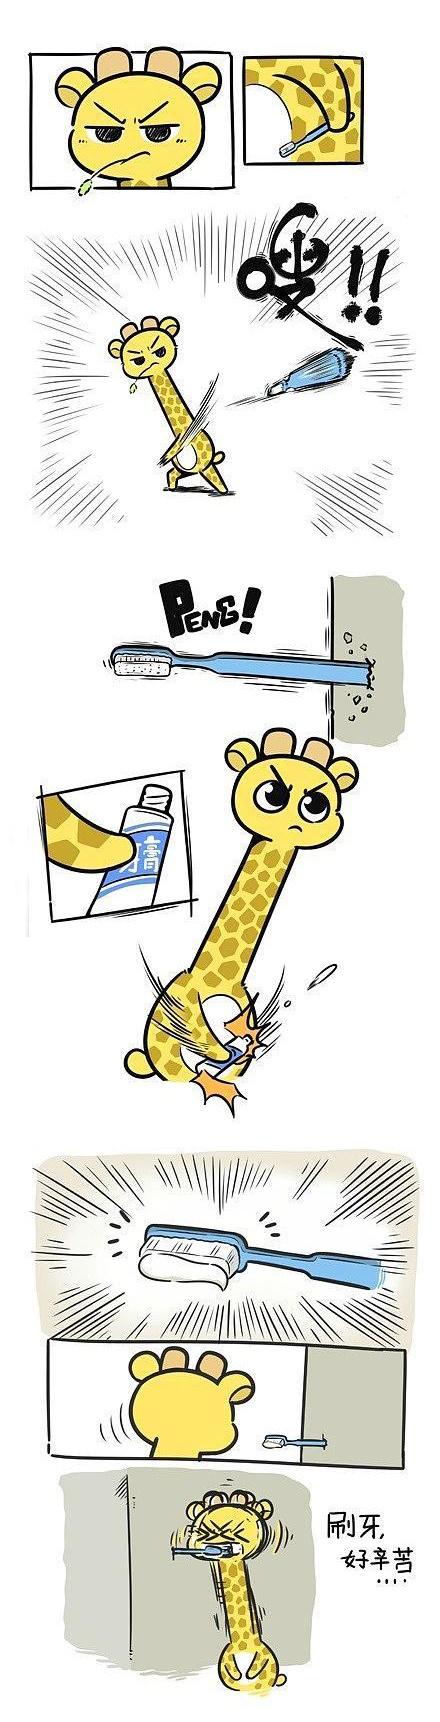 我刷牙有点难。。。。。